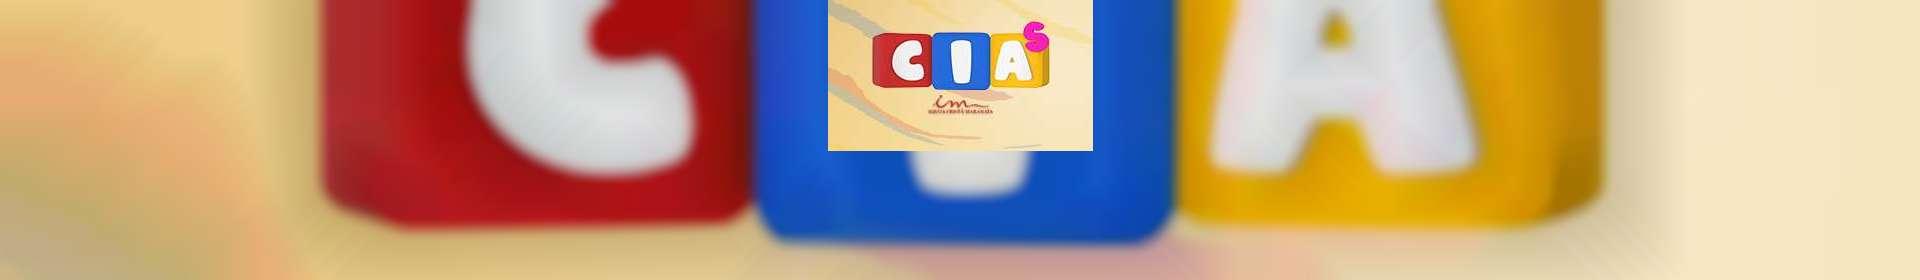 Aula de CIAS: classe de 07 a 11 anos - 09 de julho de 2020